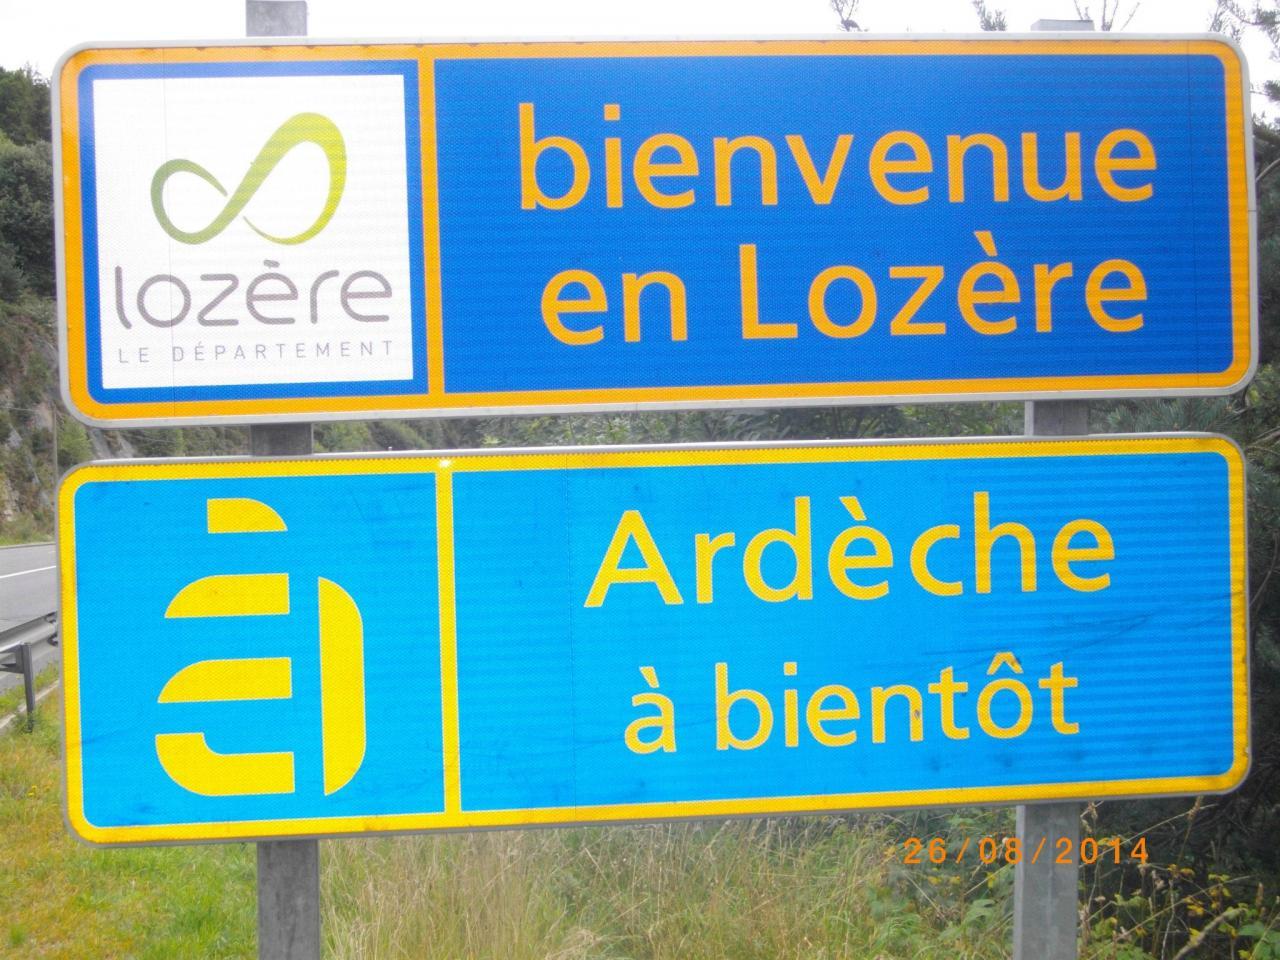 Nous sommes dans le Gard, aux frontières de La Lozère et de l'Ardêche